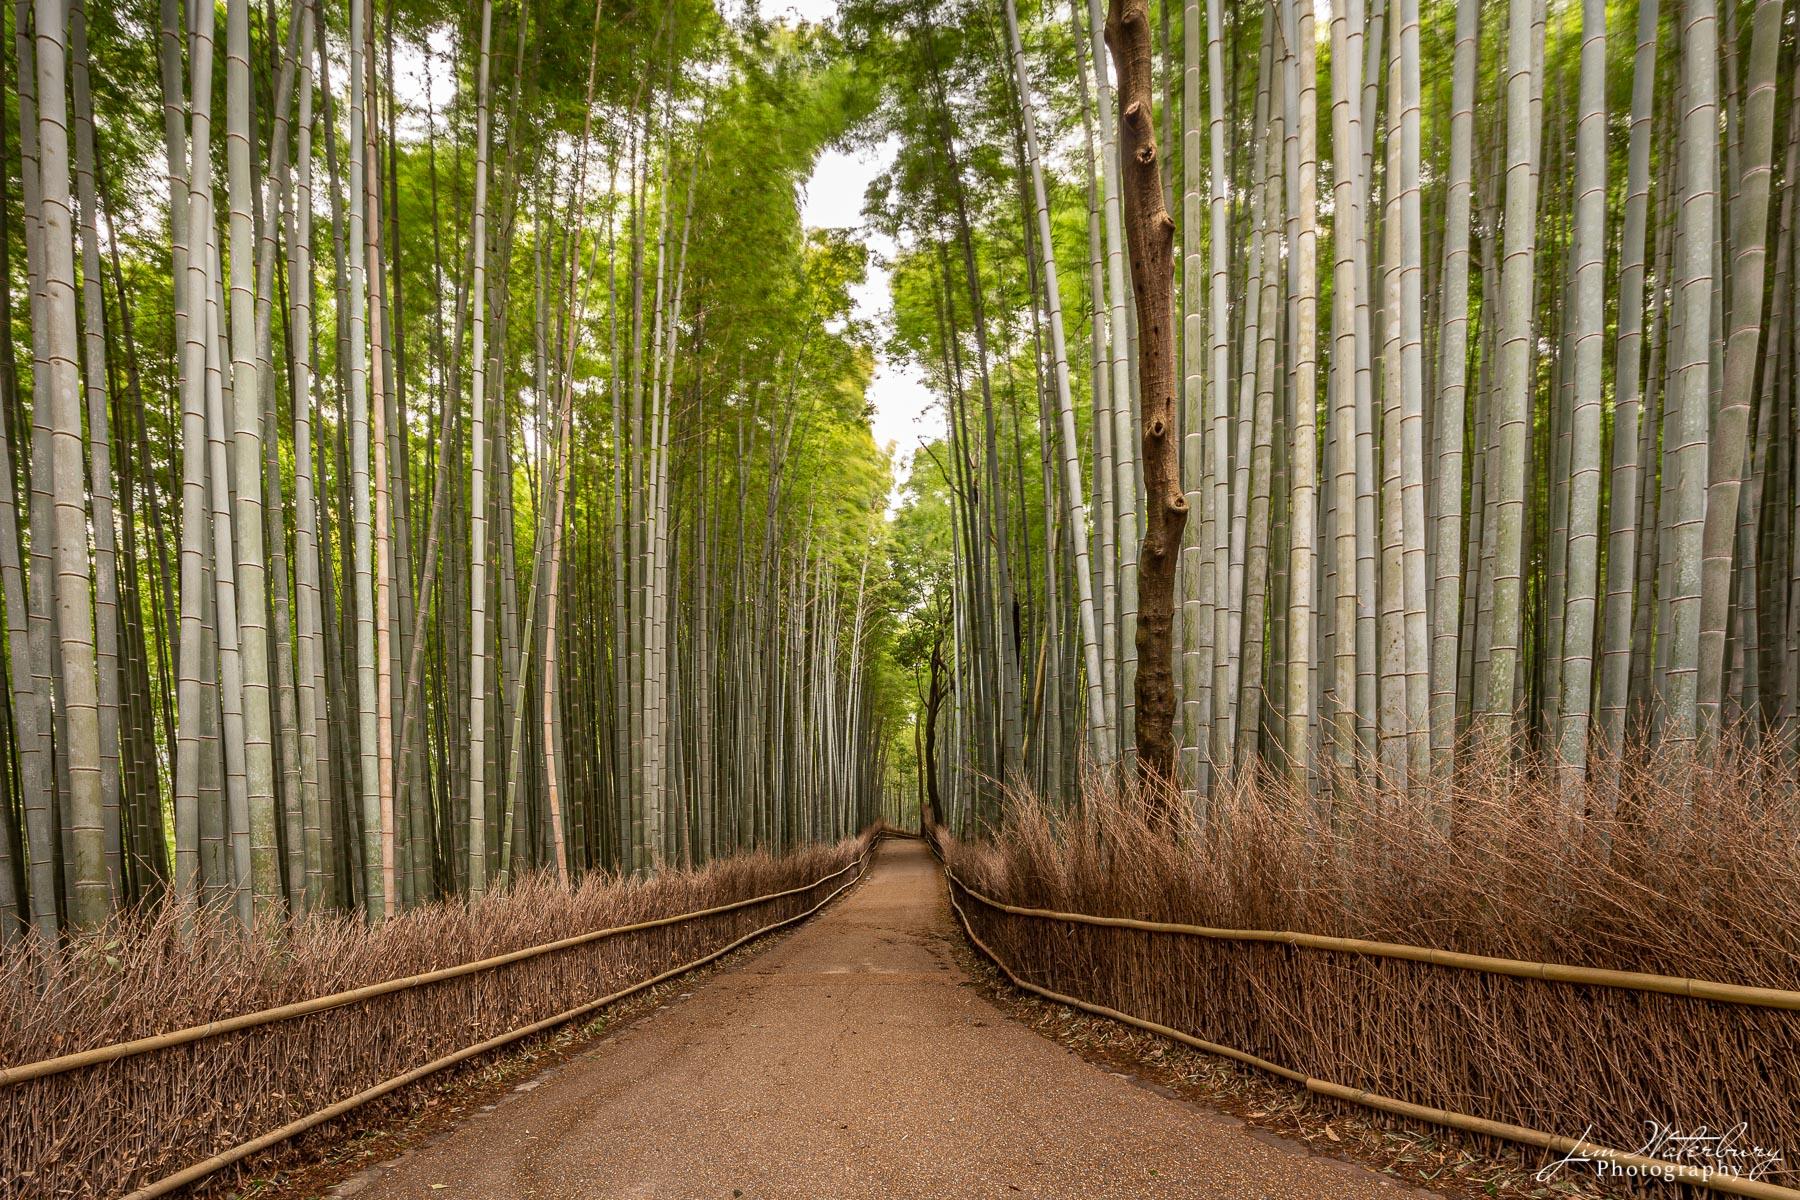 Japan, Kyoto, bamboo forest, Arashiyama, windy morning., photo